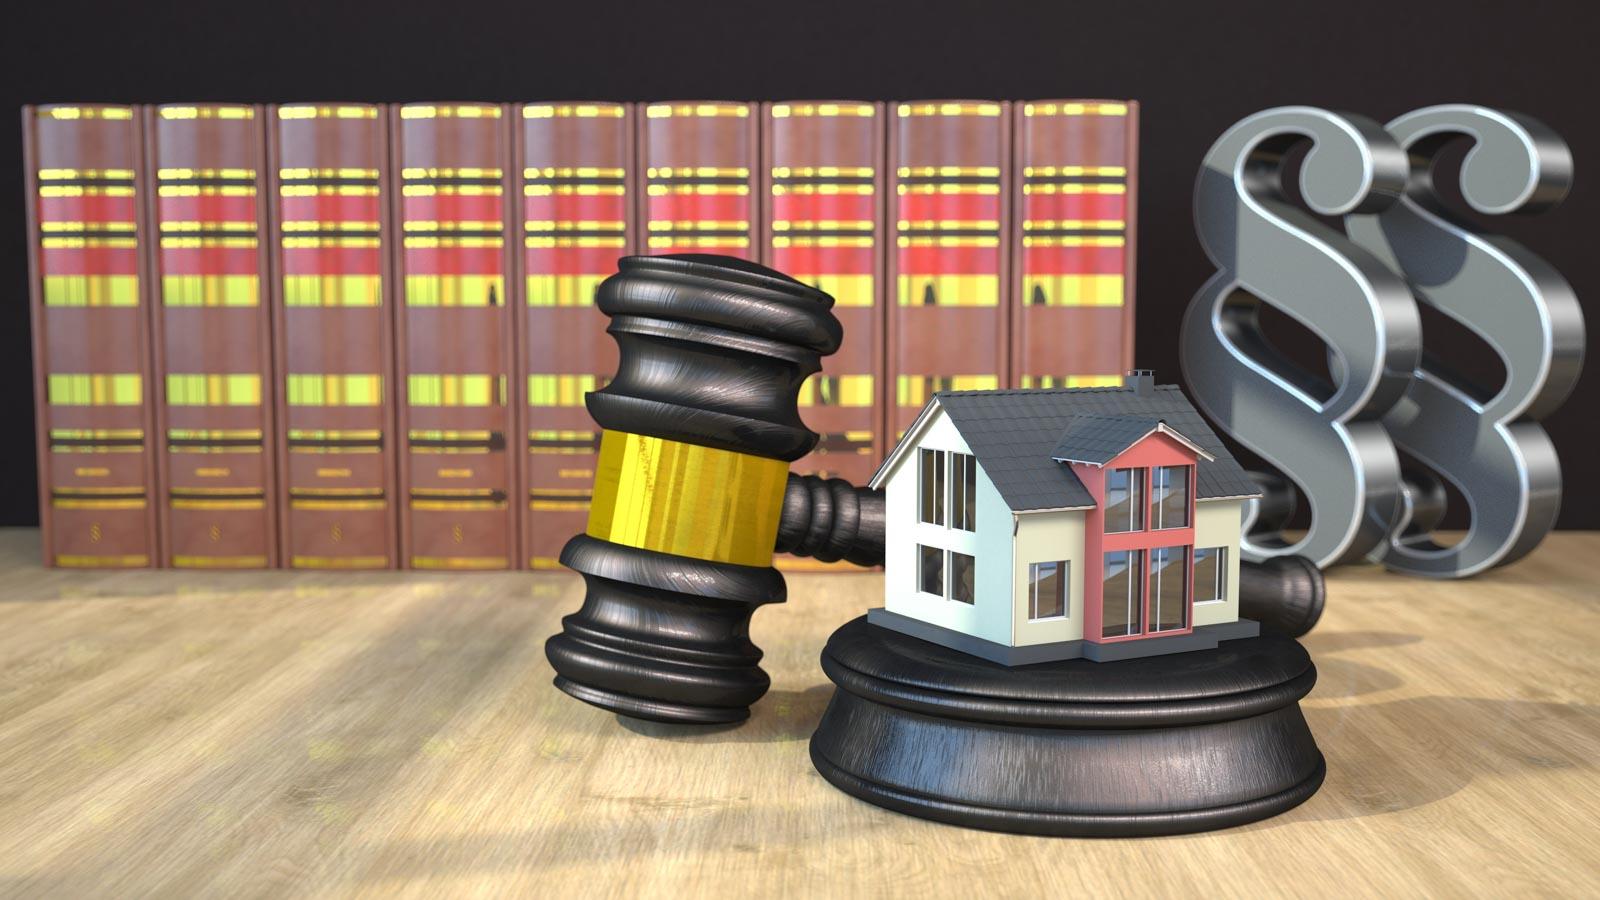 Grafik Gerichtsurteil Immobilie mit Richterhammer Gesetzesbüchern und Paragrafen